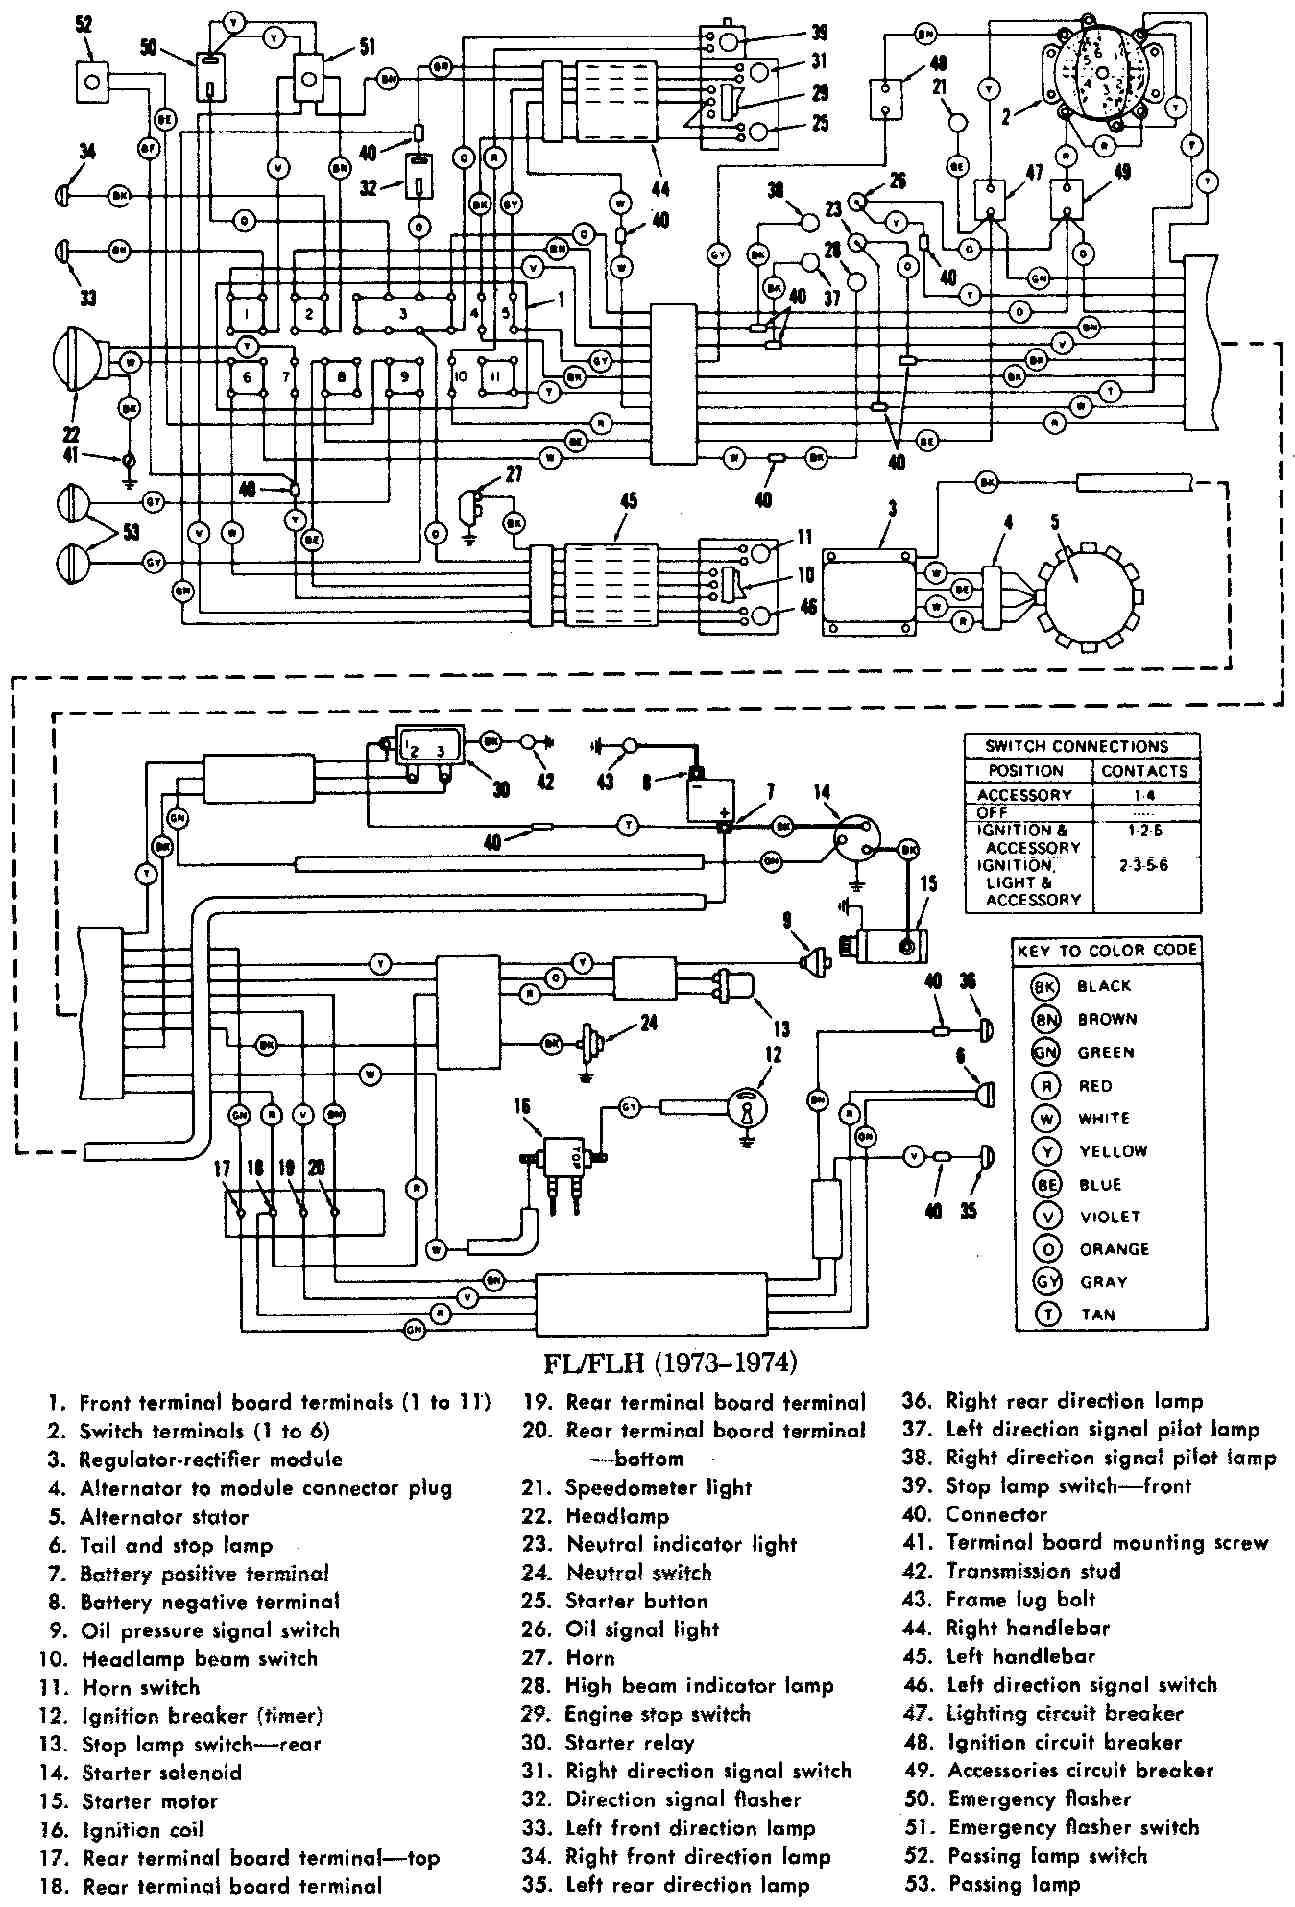 Ausgezeichnet 1965 Cj5 Schaltplan Bilder - Schaltplan Serie Circuit ...